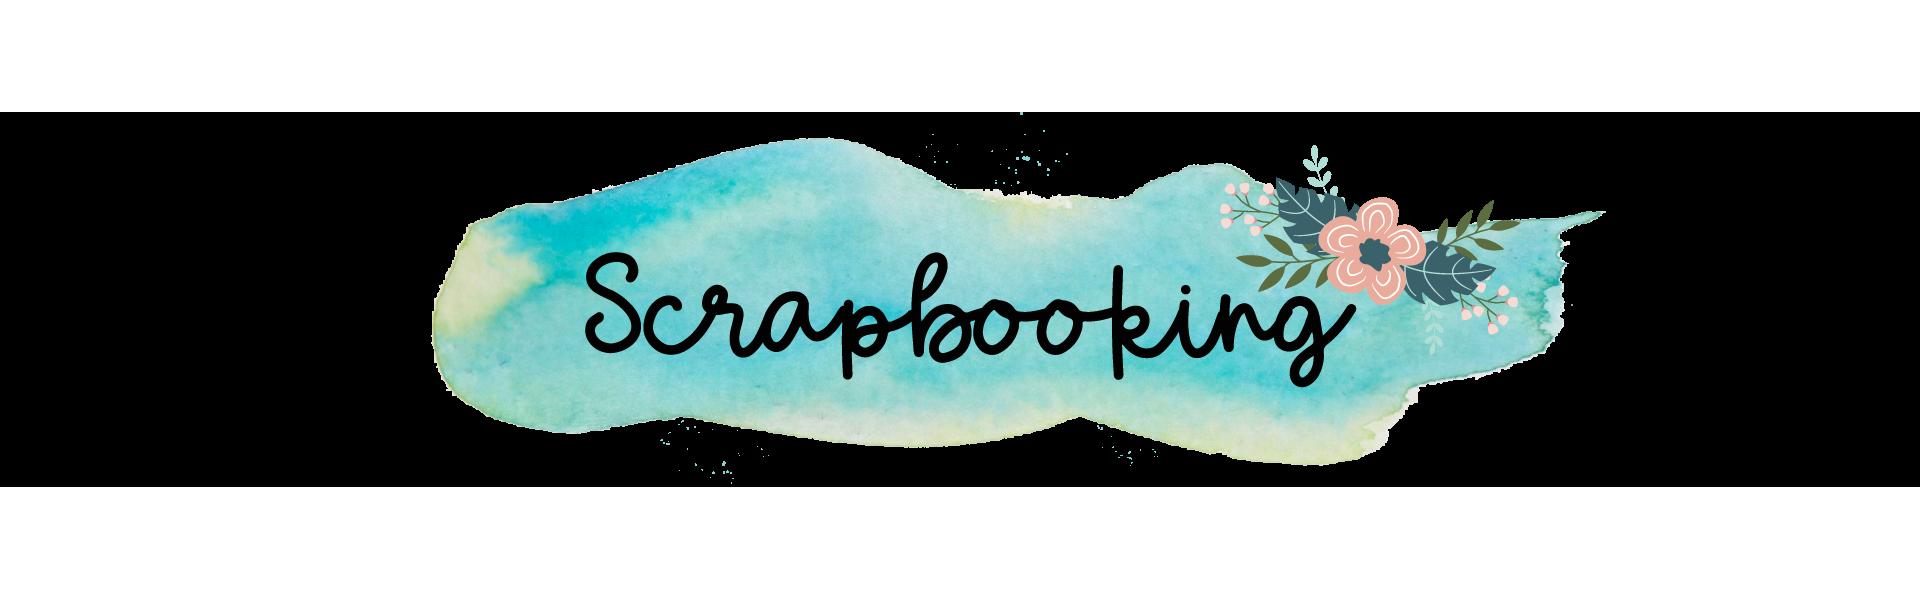 Comprar materiales Scrapbooking, Scrap y Manualidades » Los mejores precios